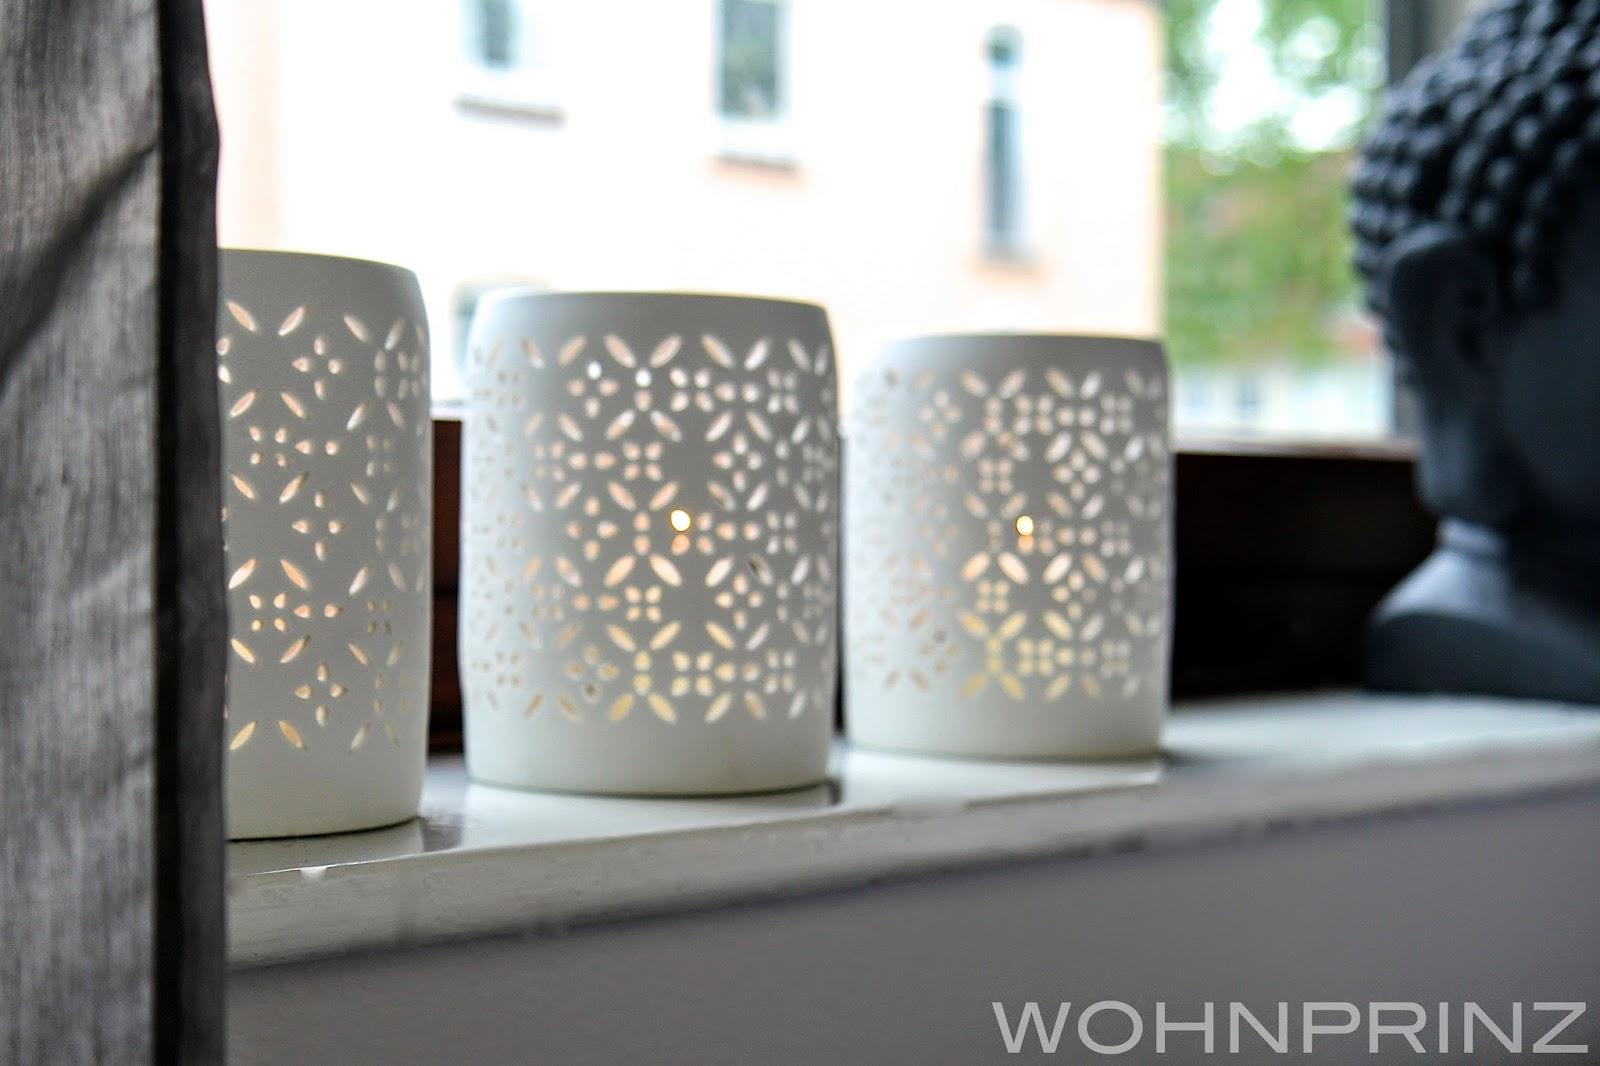 tischlampe tischleuchte leuchte fensterbank lampe creme deko smash. Black Bedroom Furniture Sets. Home Design Ideas